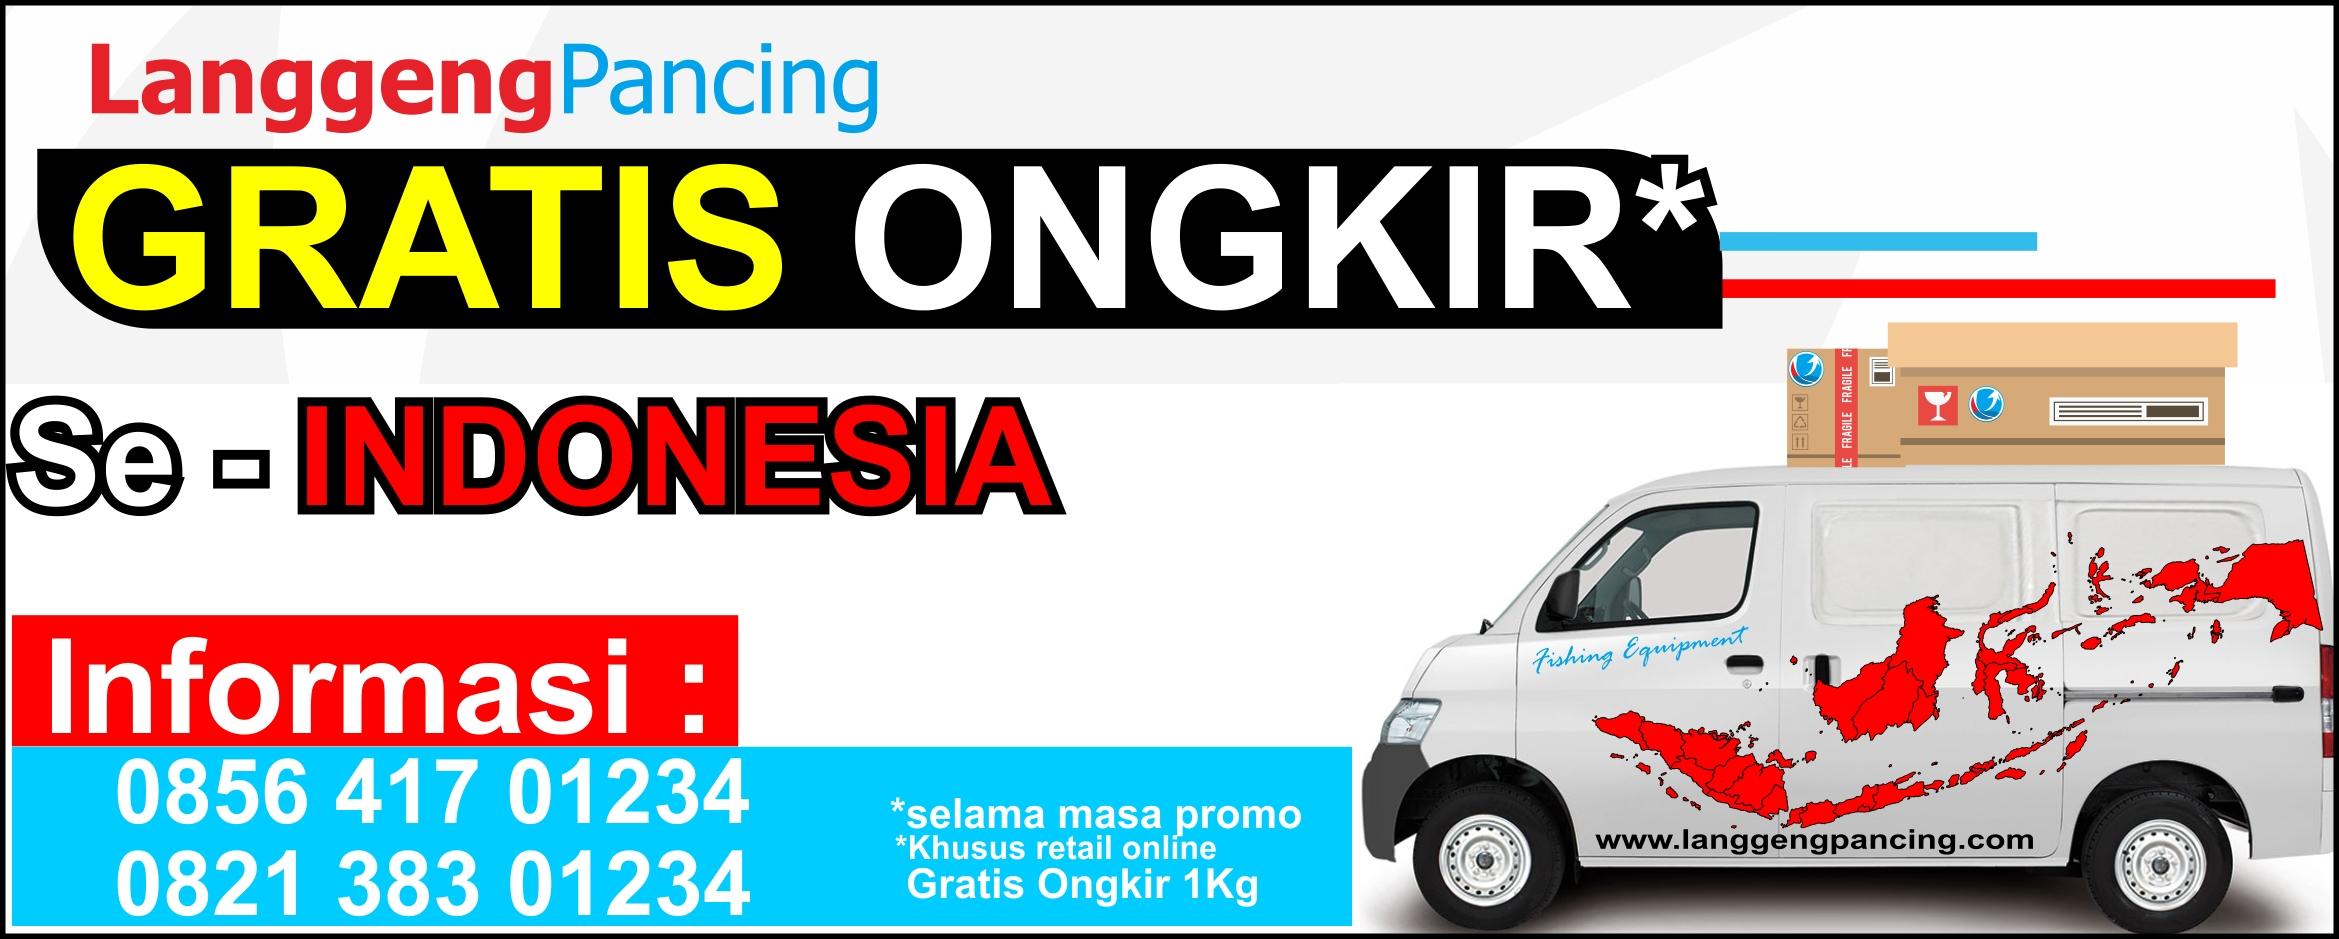 Toko Pancing LanggengPancing, 0821 383 01234, Toko Pancing, Grosir Pancing, Alat pancing 1